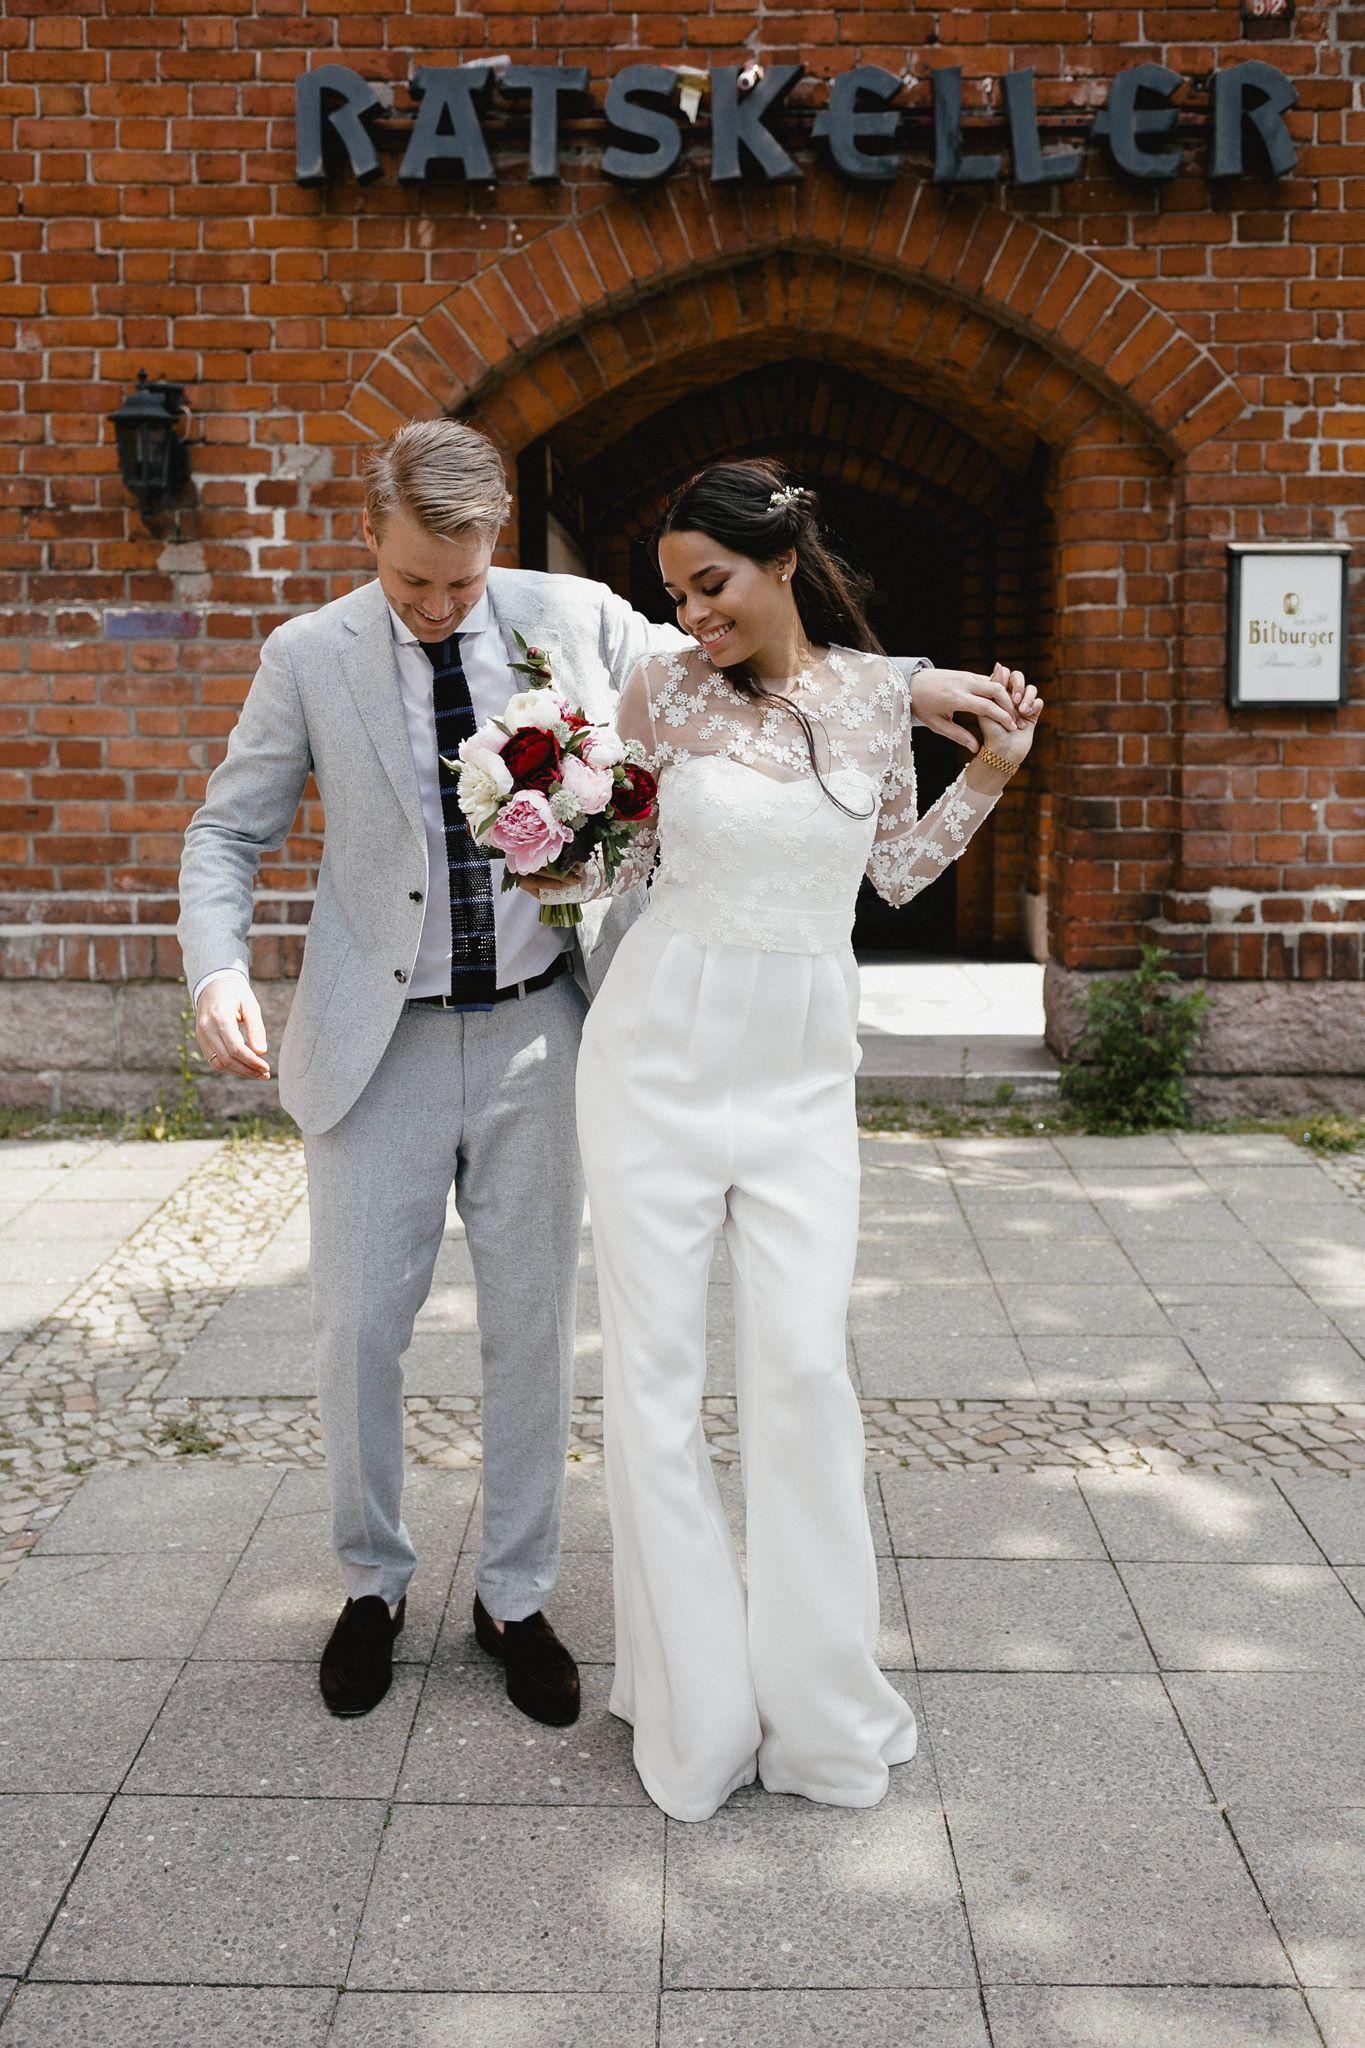 e3fc617345a891 Urbane Hochzeit in Berlin, Standesamt Schmargendorf, modebewusst und  stilvoll mit Hosenanzug von Kaviar Gauche <3 Franzi + Lenz Urban civil  wedding with ...